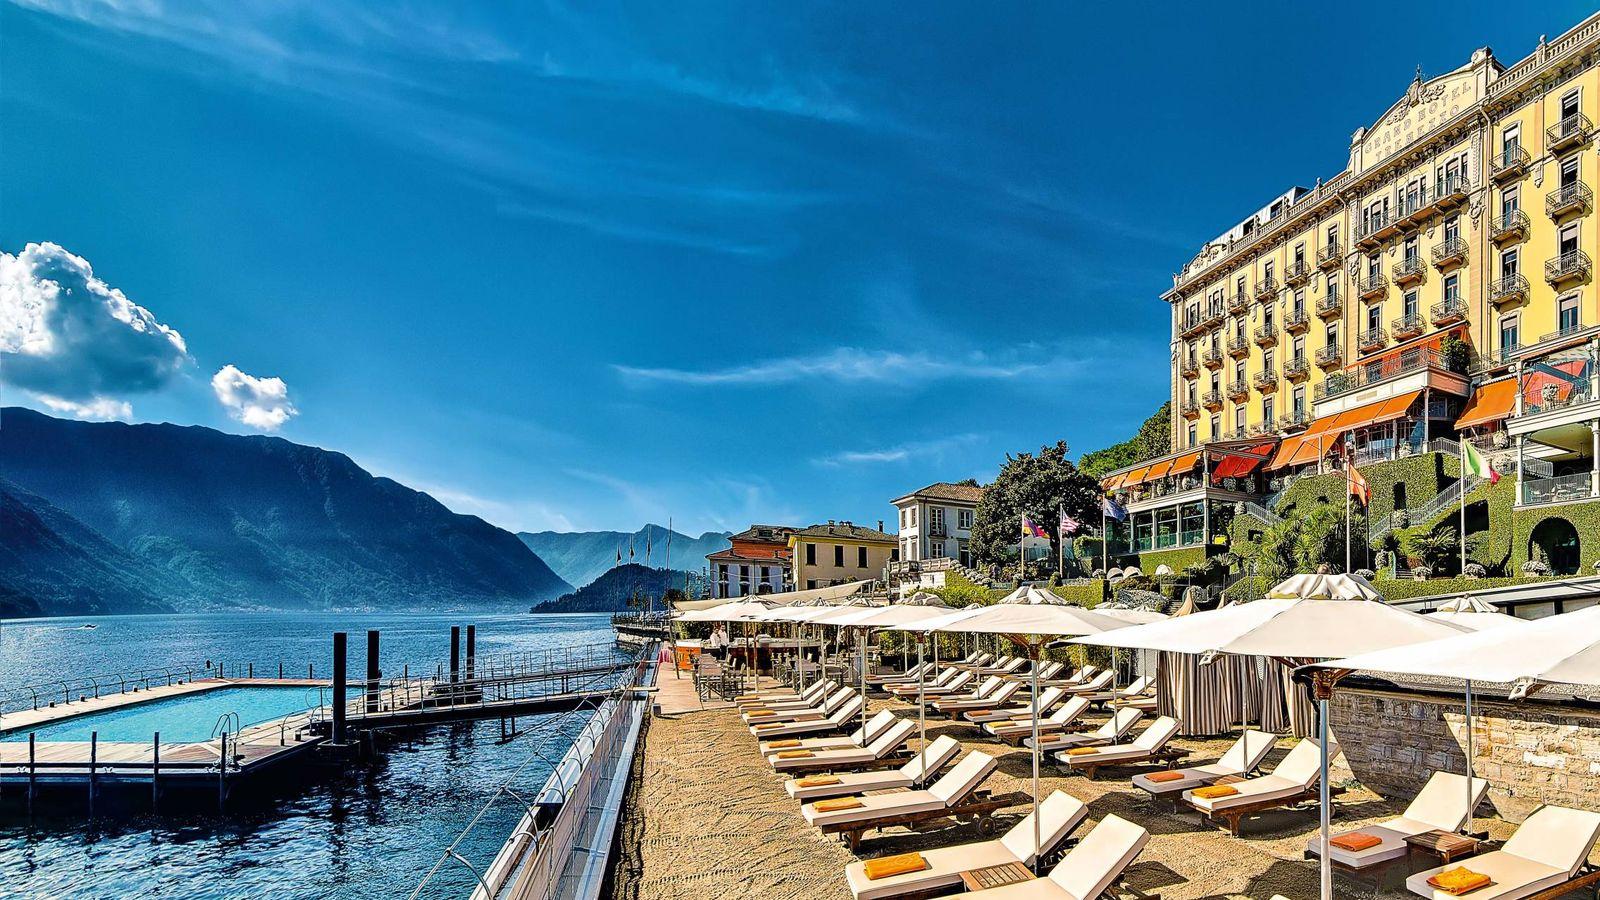 Foto: Un hotel con piscina y acceso al lago. Así es la terraza exterior del Grand Hotel Tremezzo. (Cortesía)